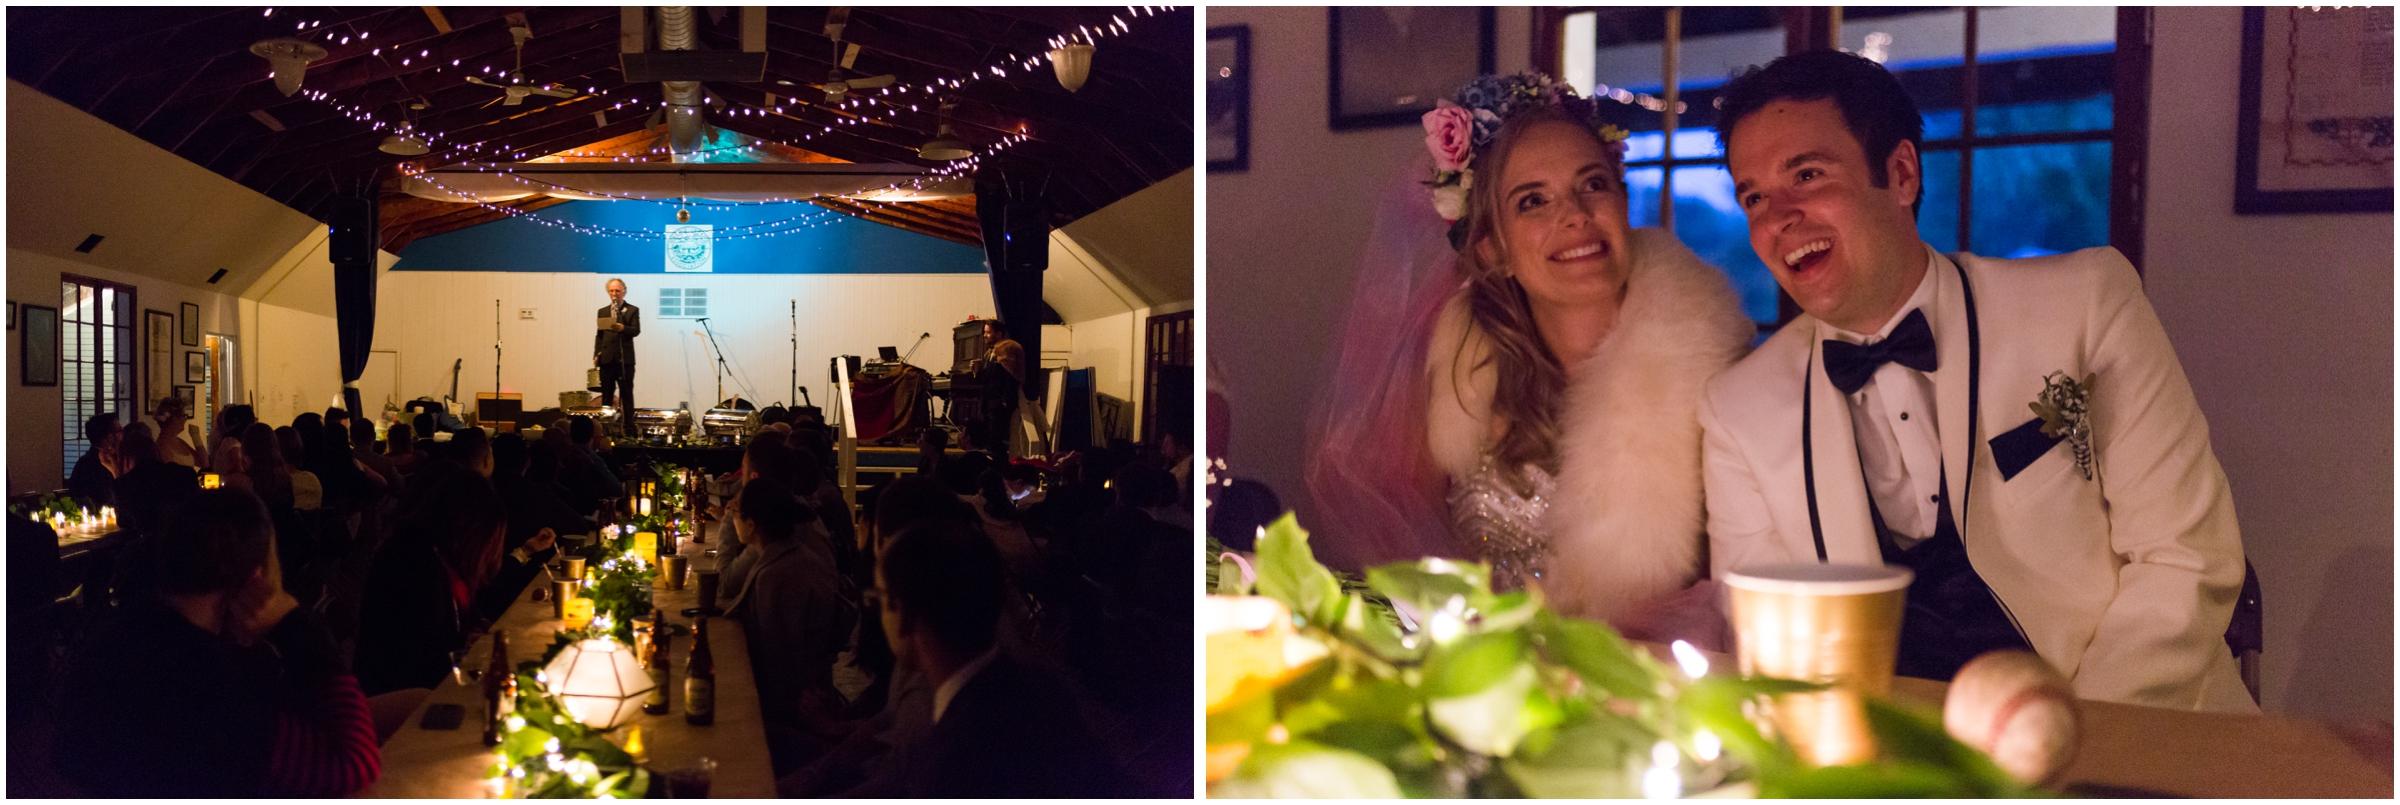 EA Wedding (Selena Phillips-Boyle)_0061.jpg